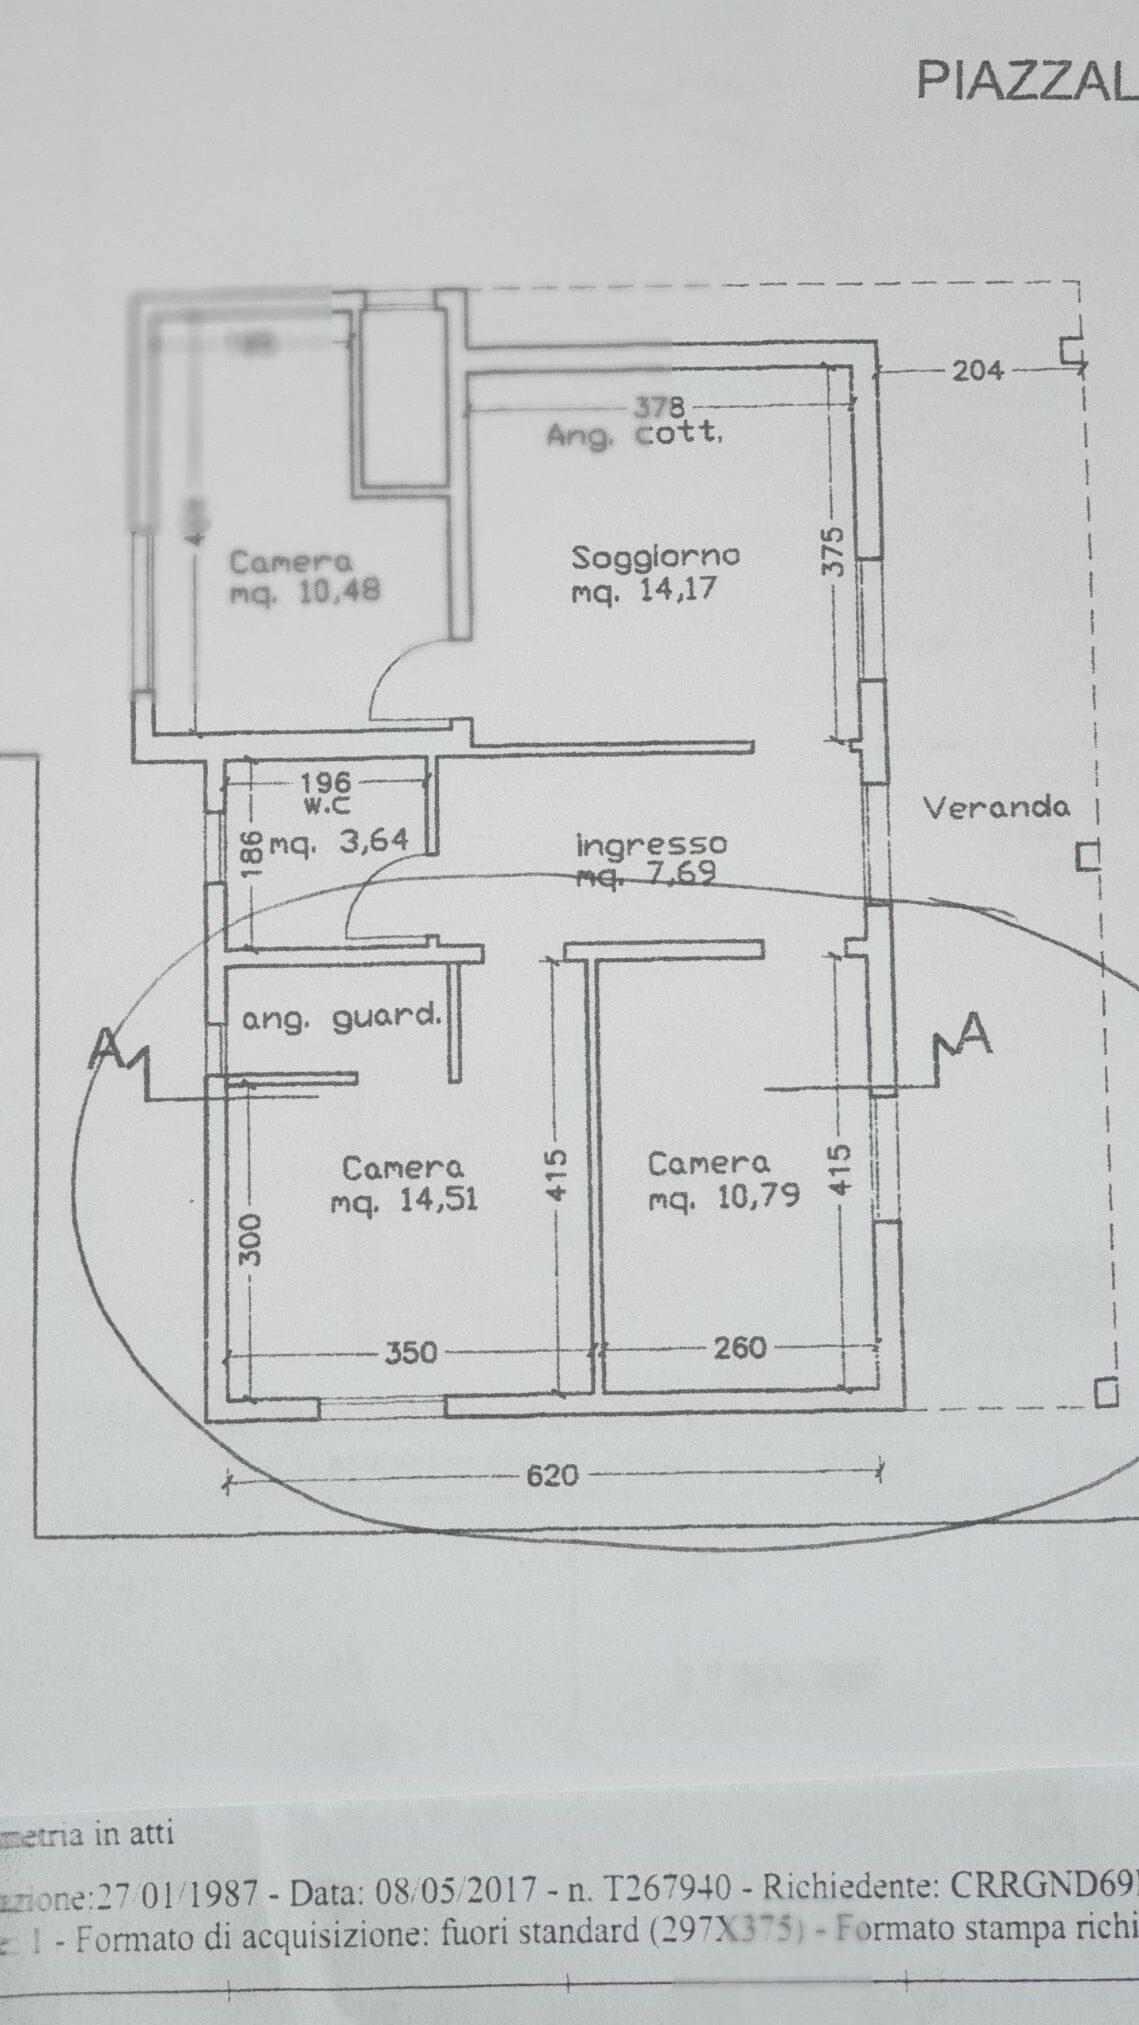 4819 San Vito dei Normanni floor plan